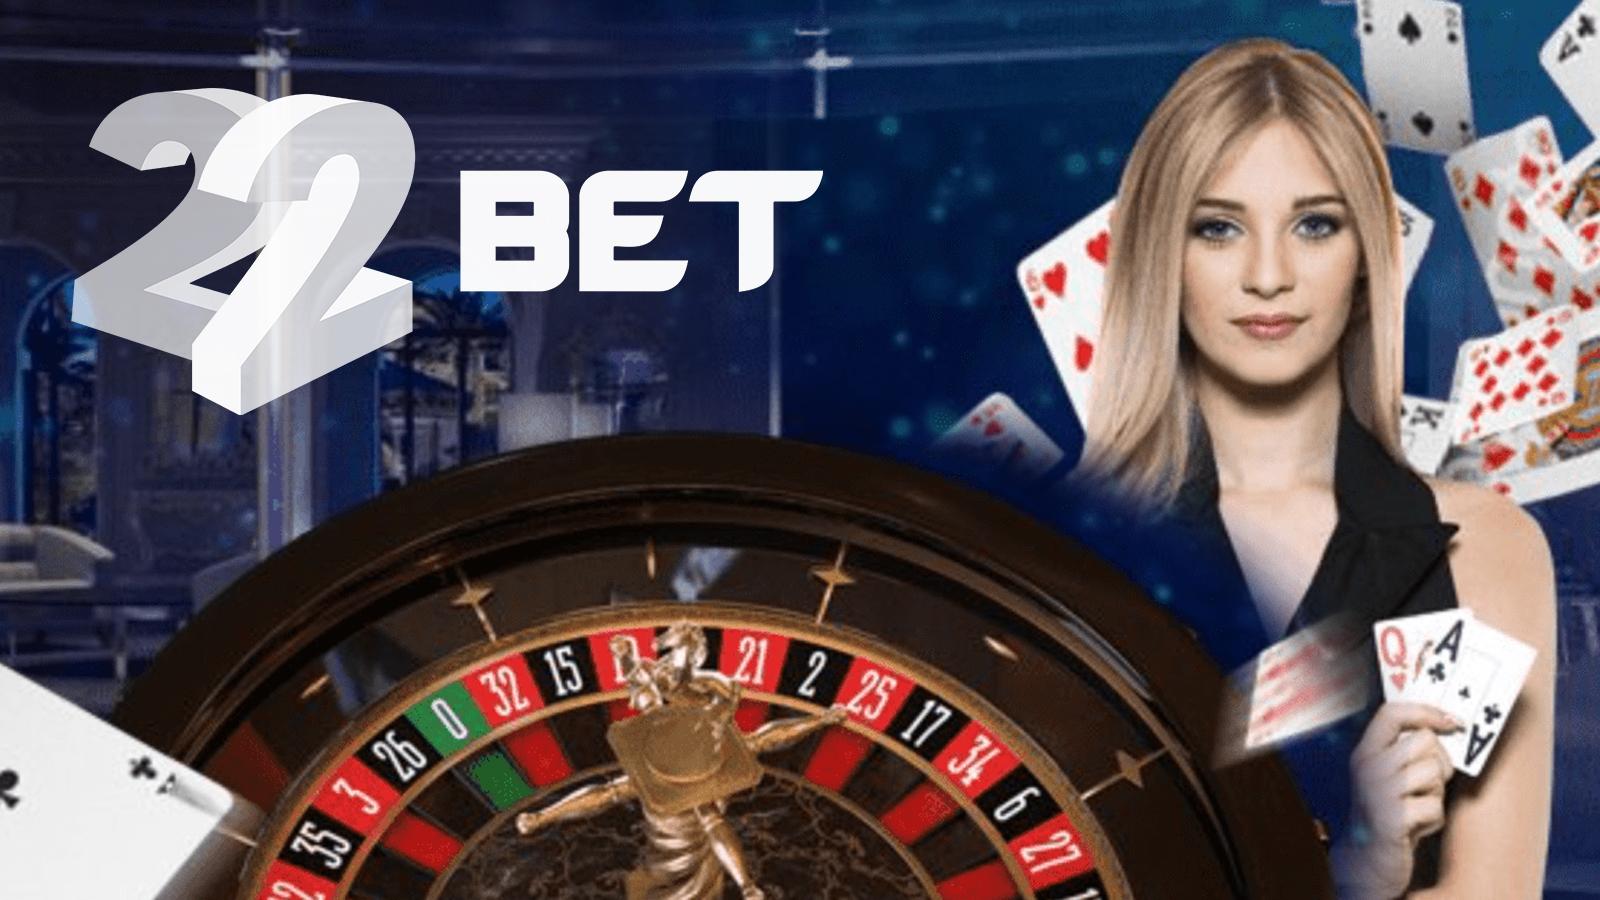 22Bet online casino India: review, app, bonus, games, deposit and  withdrawal methods